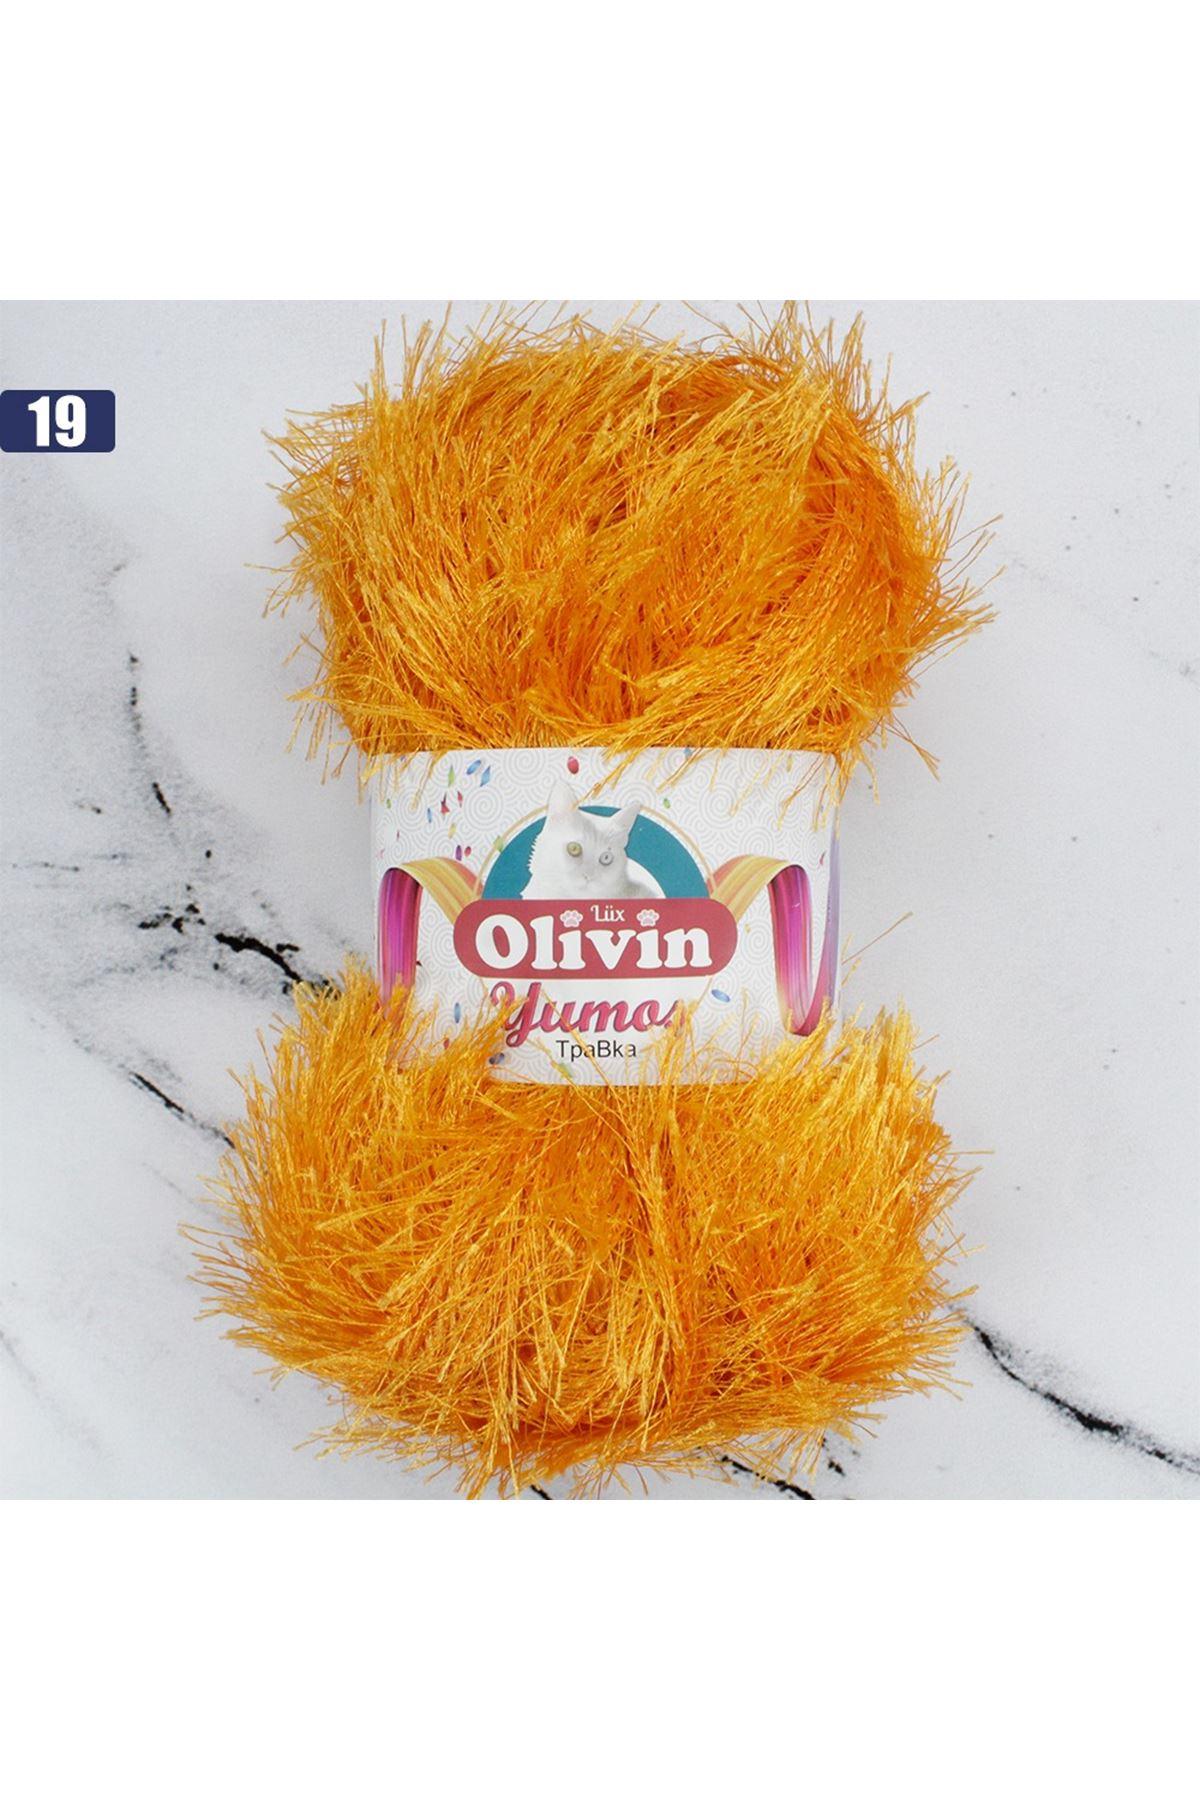 Olivin Yumoş 19